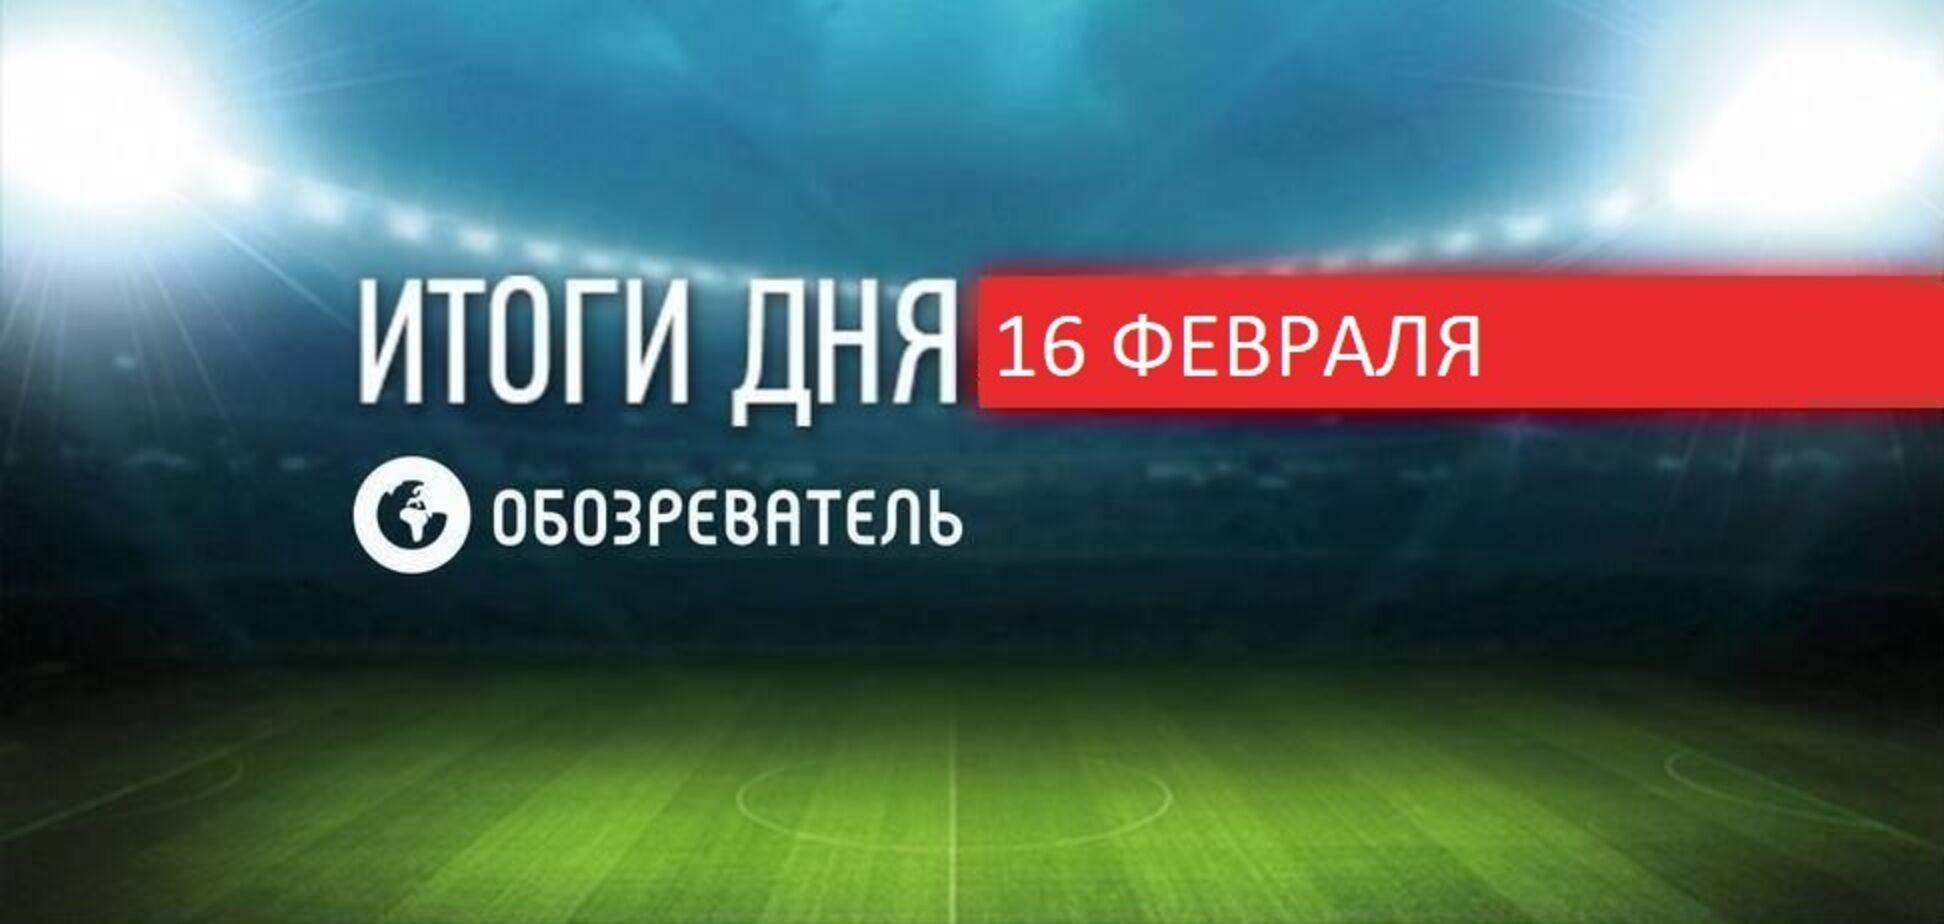 Чемпионка ОИ заявила, что ей стыдно жить в России: спортивные итоги 16 февраля